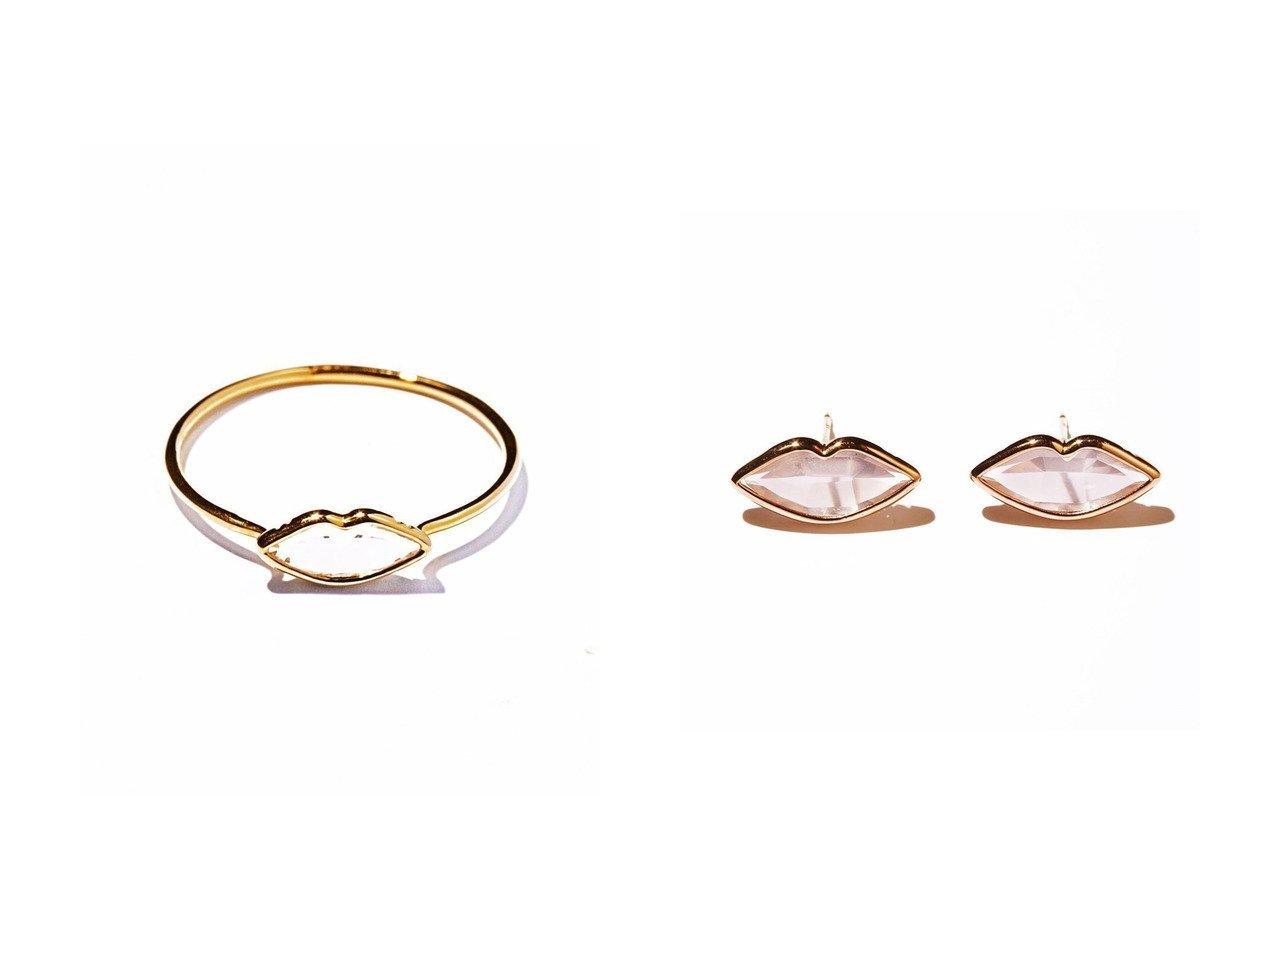 【les bonbon/ルボンボン】のpetite lip イエローゴールドリング&lip ピンクゴールドピアス アクセサリー・ジュエリーのおすすめ!人気、レディースファッションの通販  おすすめで人気のファッション通販商品 インテリア・家具・キッズファッション・メンズファッション・レディースファッション・服の通販 founy(ファニー) https://founy.com/ ファッション Fashion レディース WOMEN イエロー コレクション フェミニン モチーフ フォルム リップ |ID:crp329100000003794